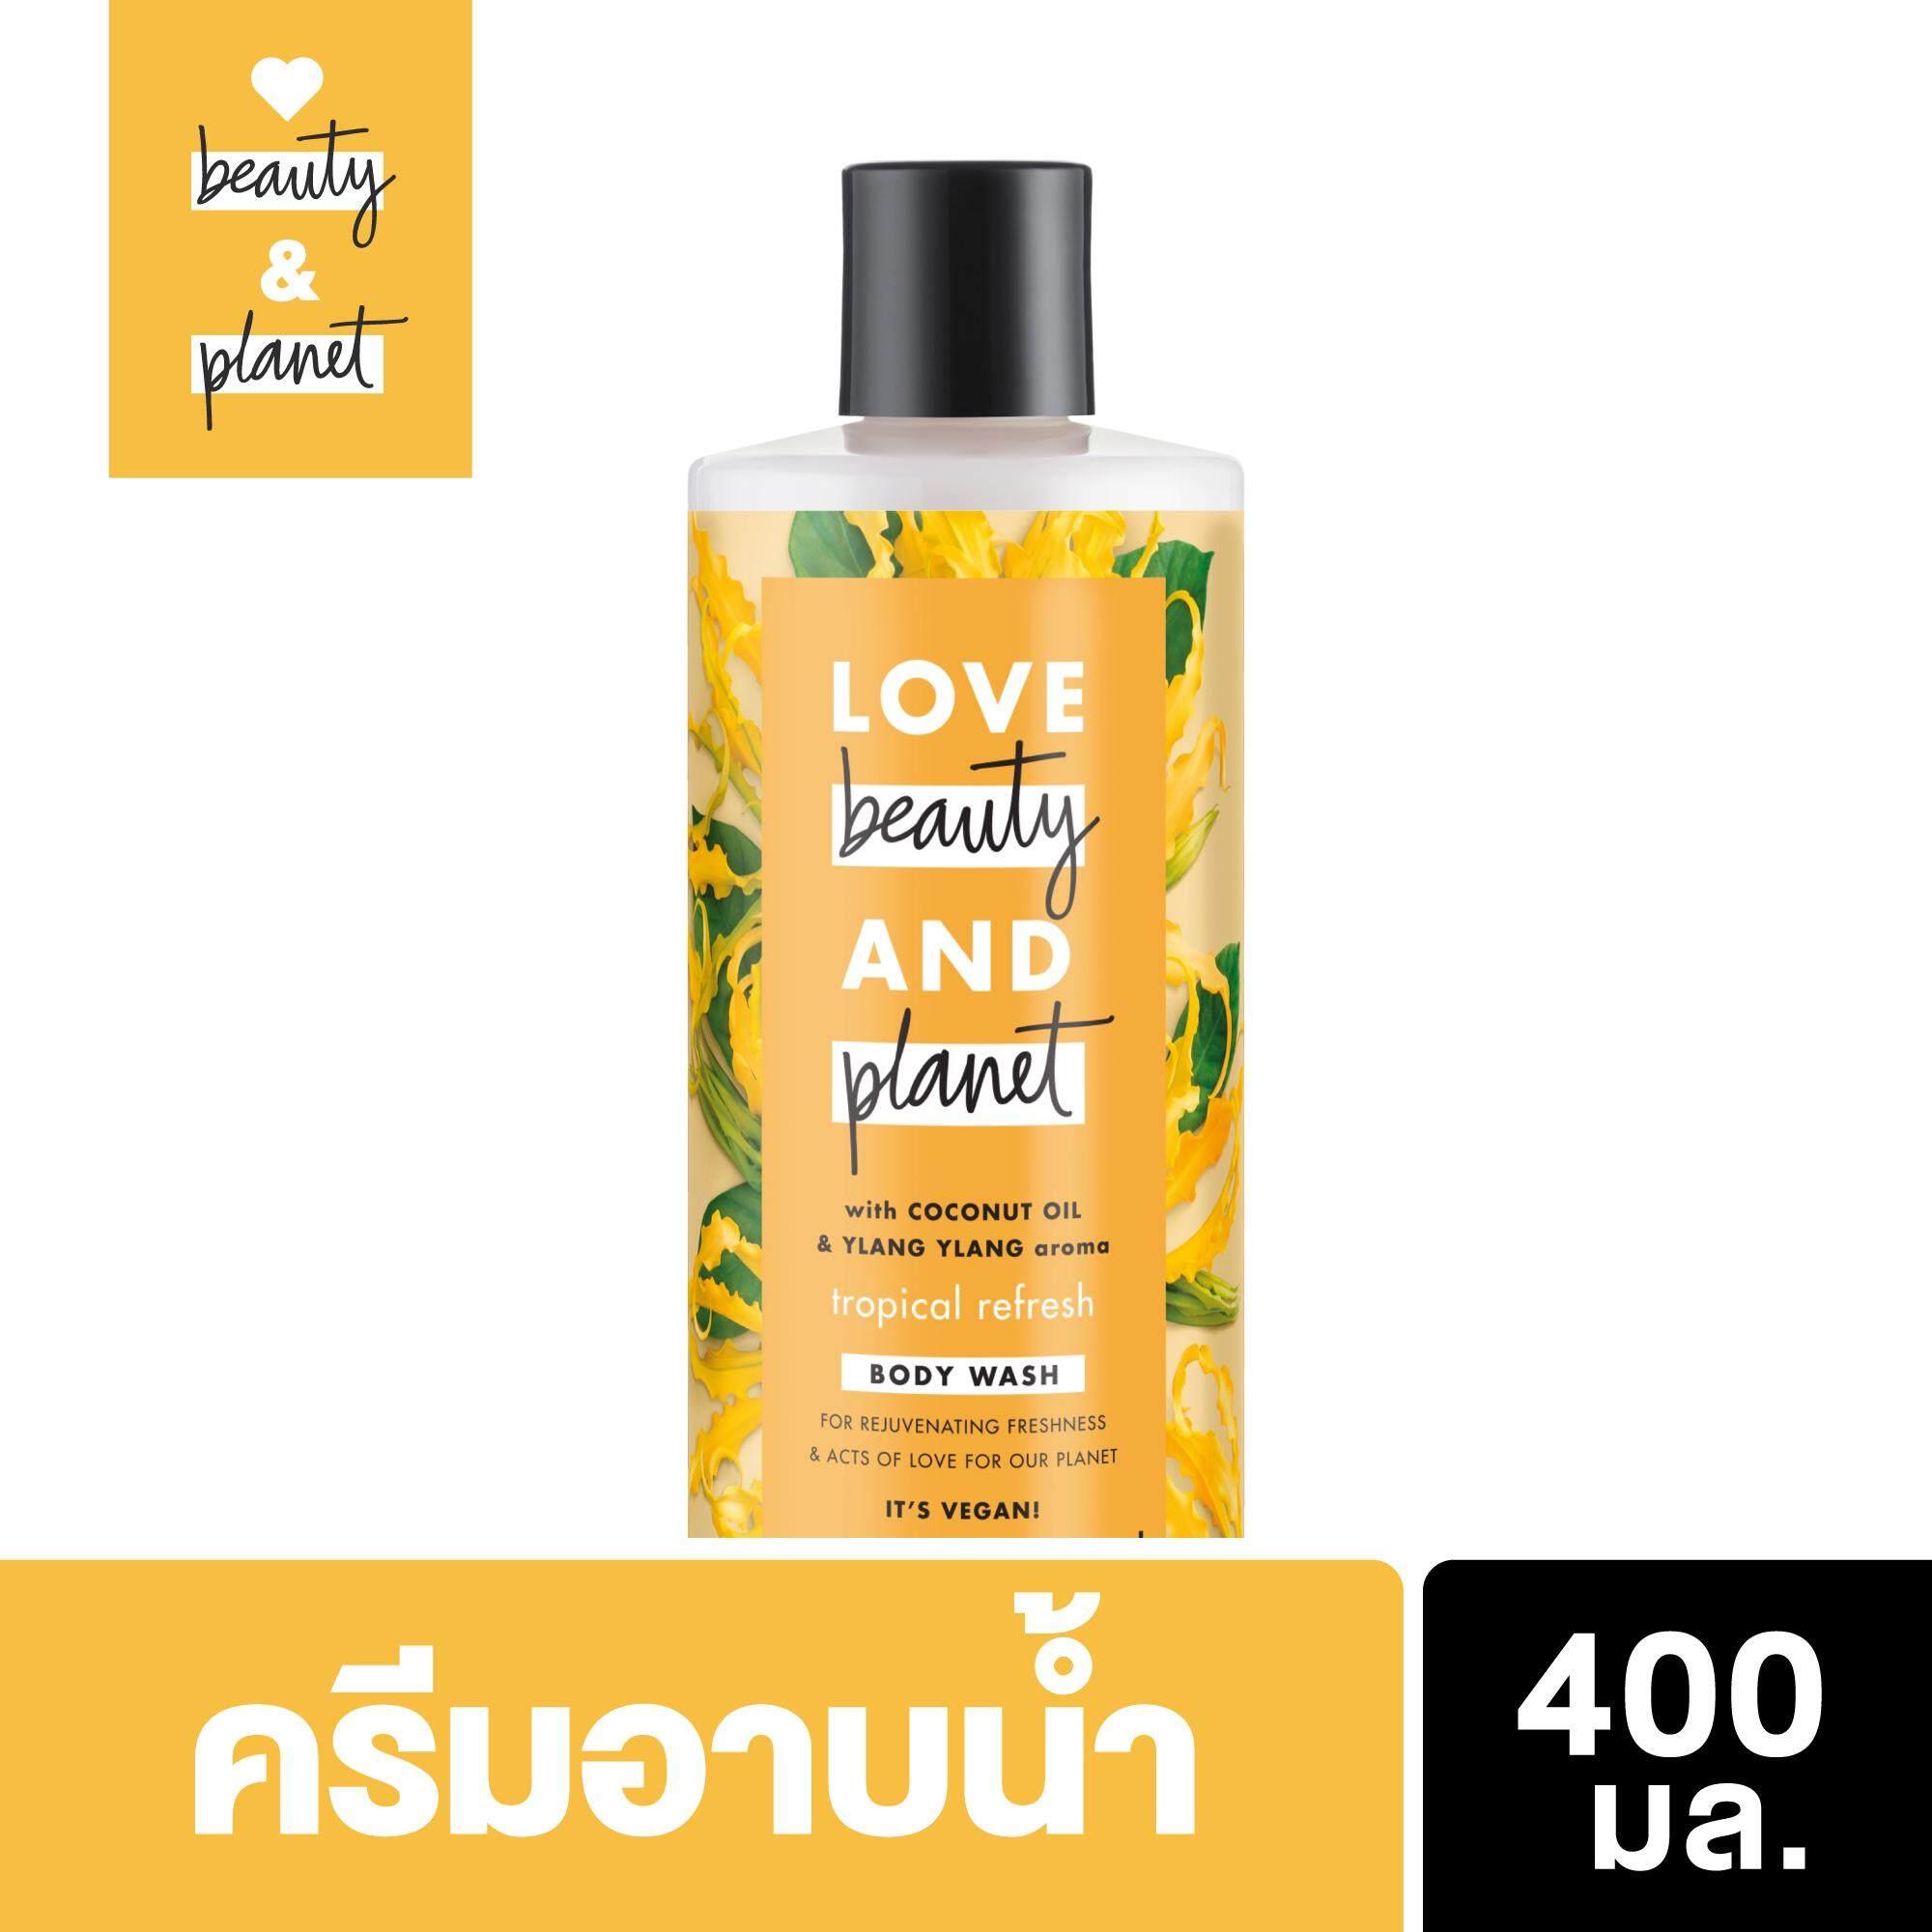 Love Beauty and Planet Tropical Refresh Body Wash_ Coconut Oil & Ylang Ylang Organic Bodywash_ 400ml เลิฟ บิวตี้ แอนด์แพลนเน็ต ทรอปิคอล รีเฟรช บอดี้ วอช 400มล. ครีมอาบน้ำ ออร์แกนิค เพื่อผิวแห้งกร้าน กลับมาแลดูมีชีวิตชีวา กลิ่นดอกYlang Ylang